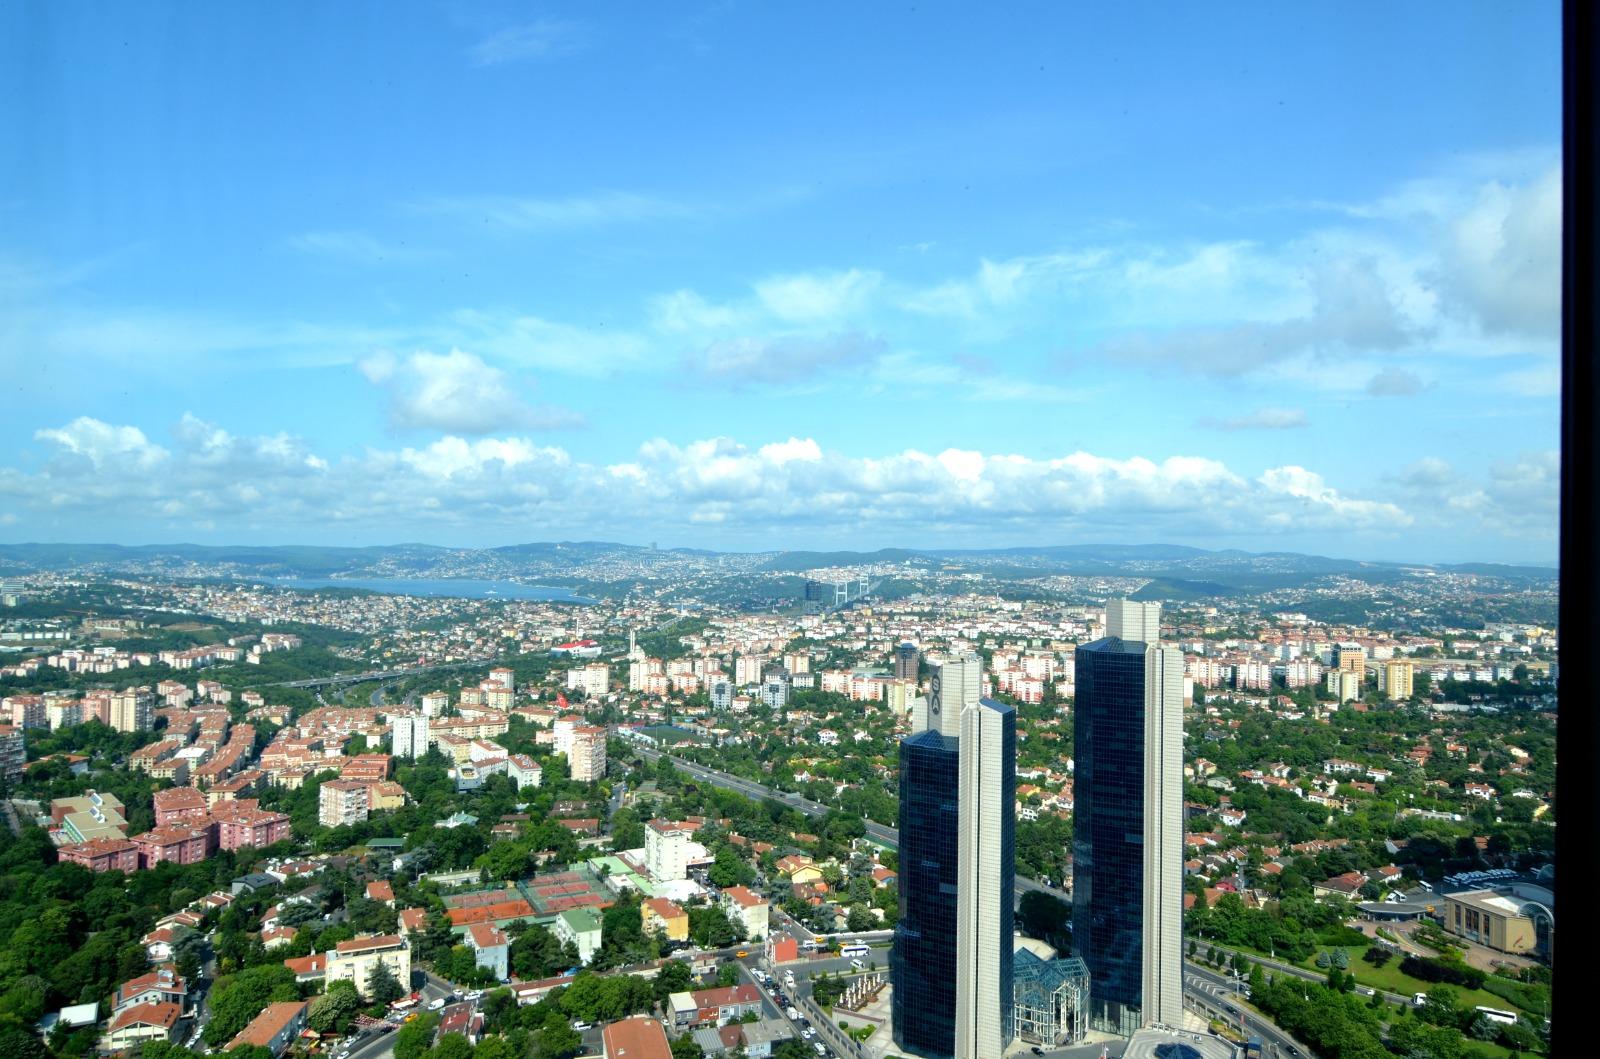 Элитная квартира в  высоком небоскребе Стамбула - Фото 10